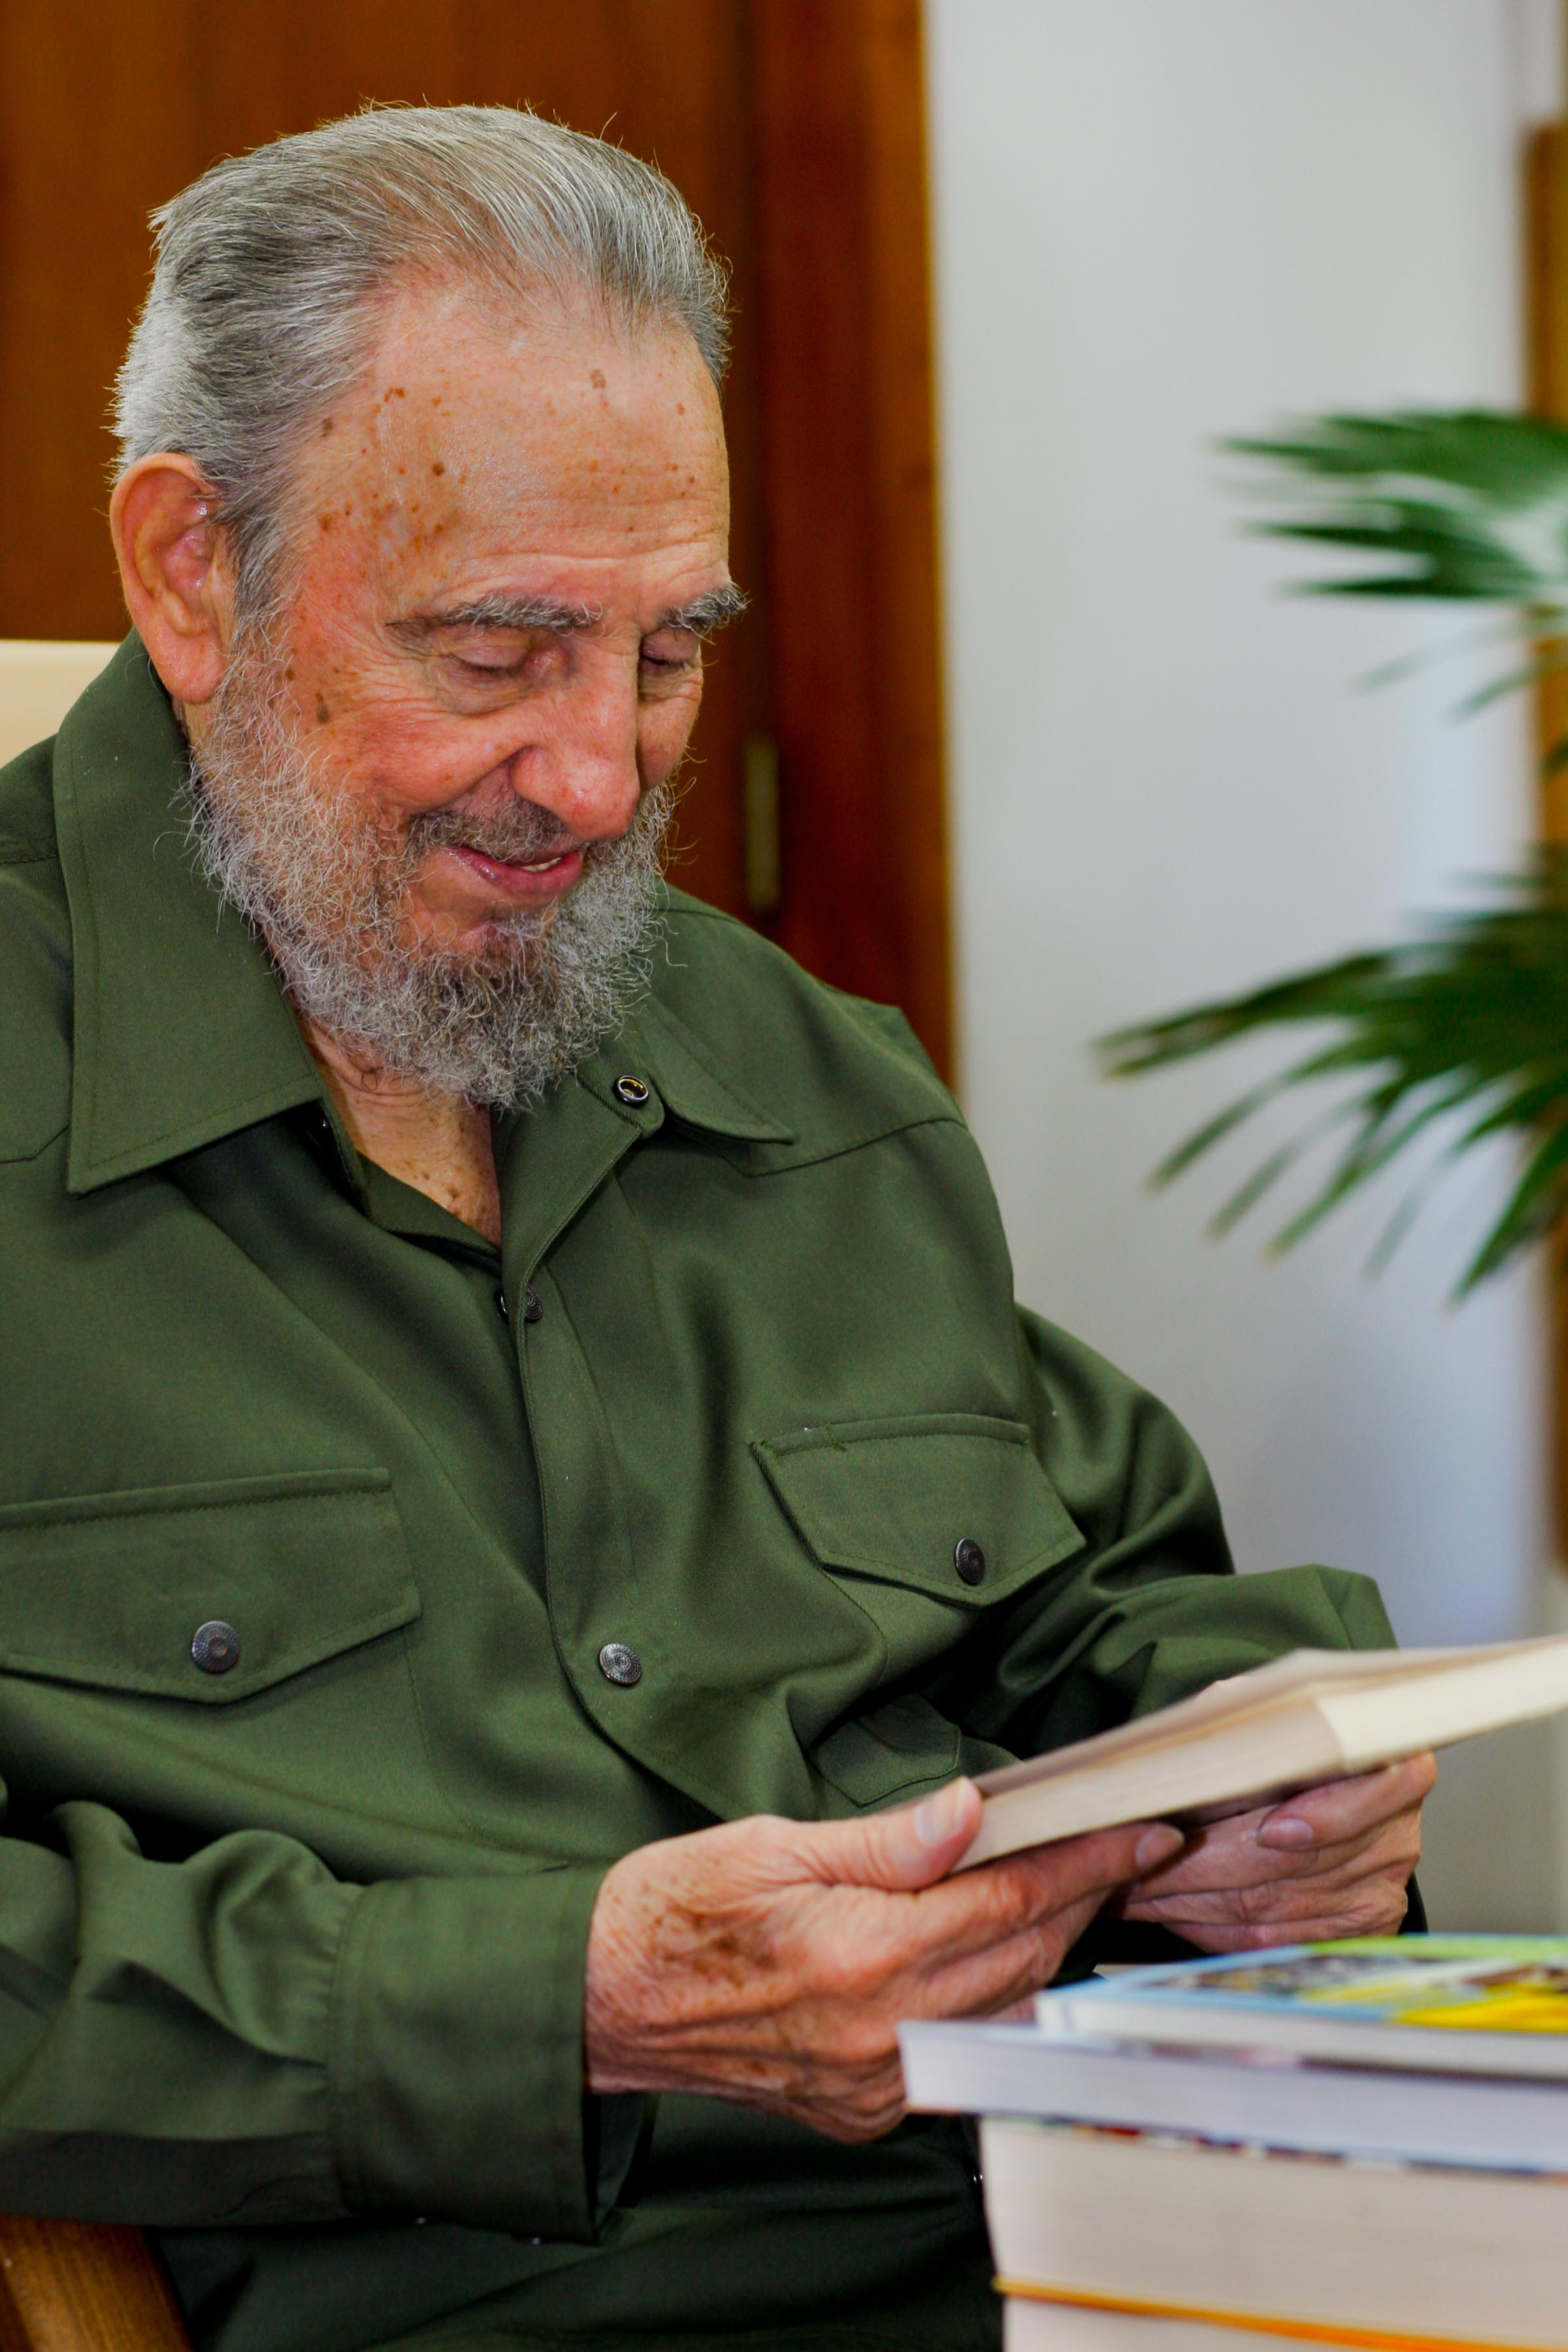 Fidel recibió varios libros entregados por la senadora Córdoba sobre la historia y la realidad actual de Colombia